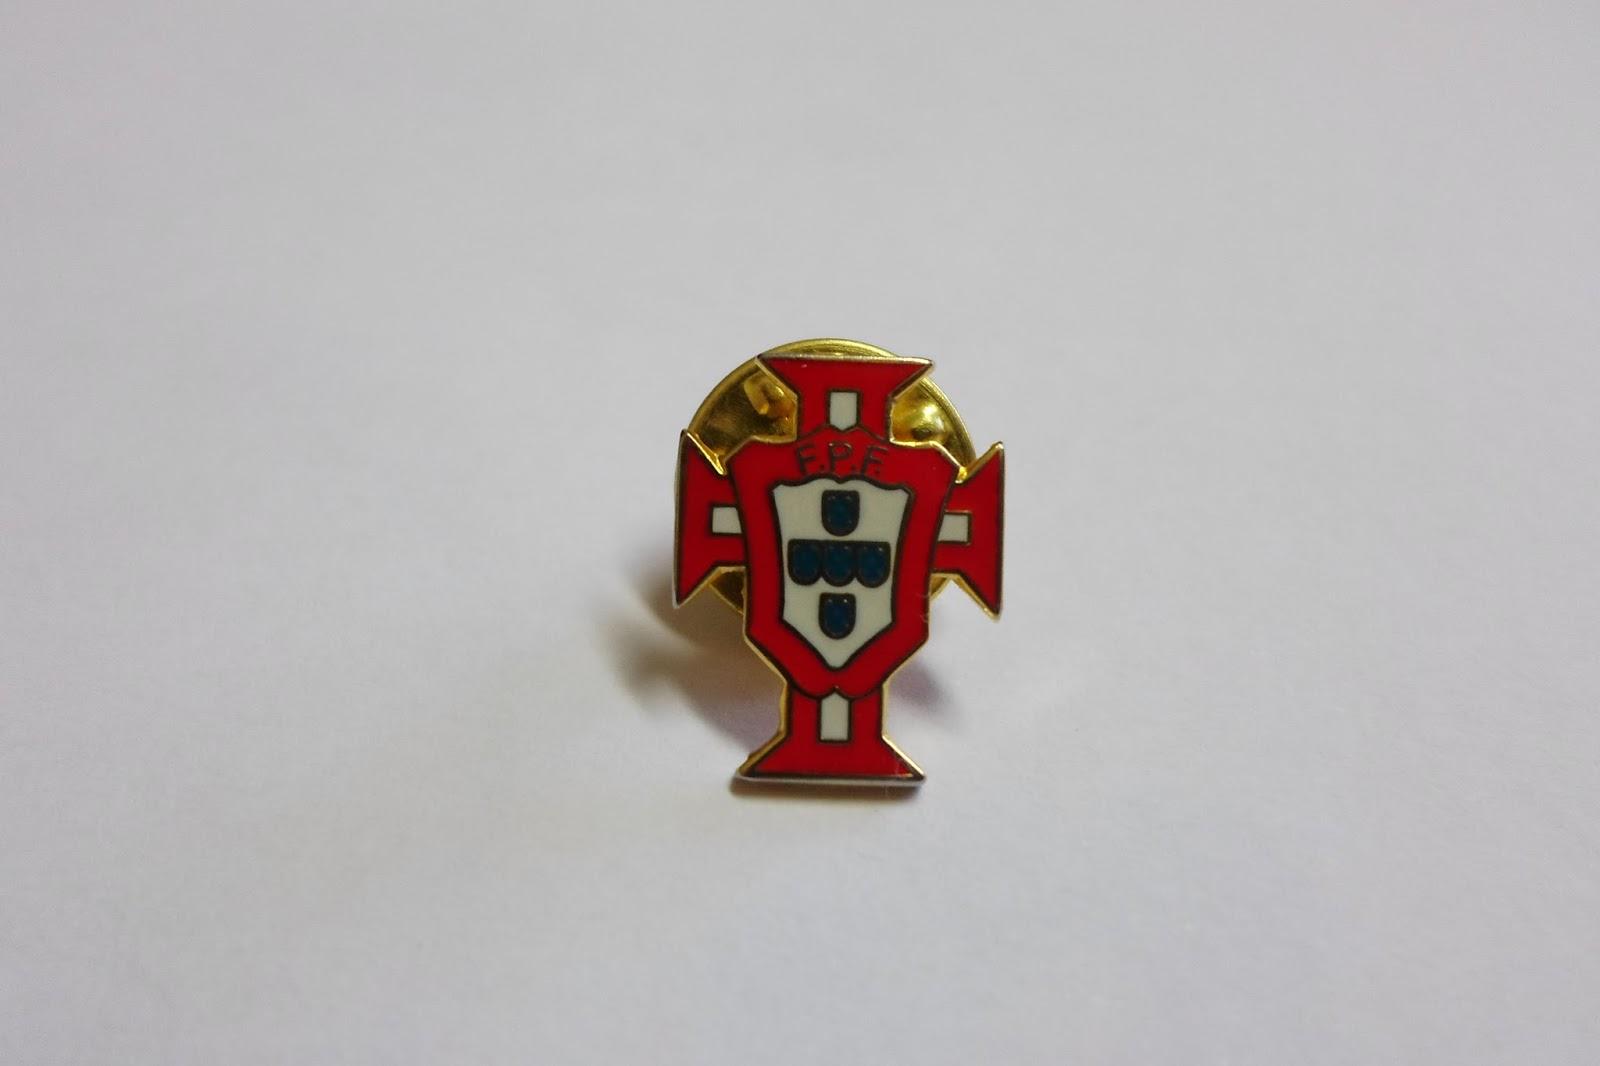 3419fdec3989 Depois da vitória de ontem da seleção portuguesa no Euro 2016, este é o pin  ideal para publicar no dia de hoje. A Federação Portuguesa de Futebol foi  ...